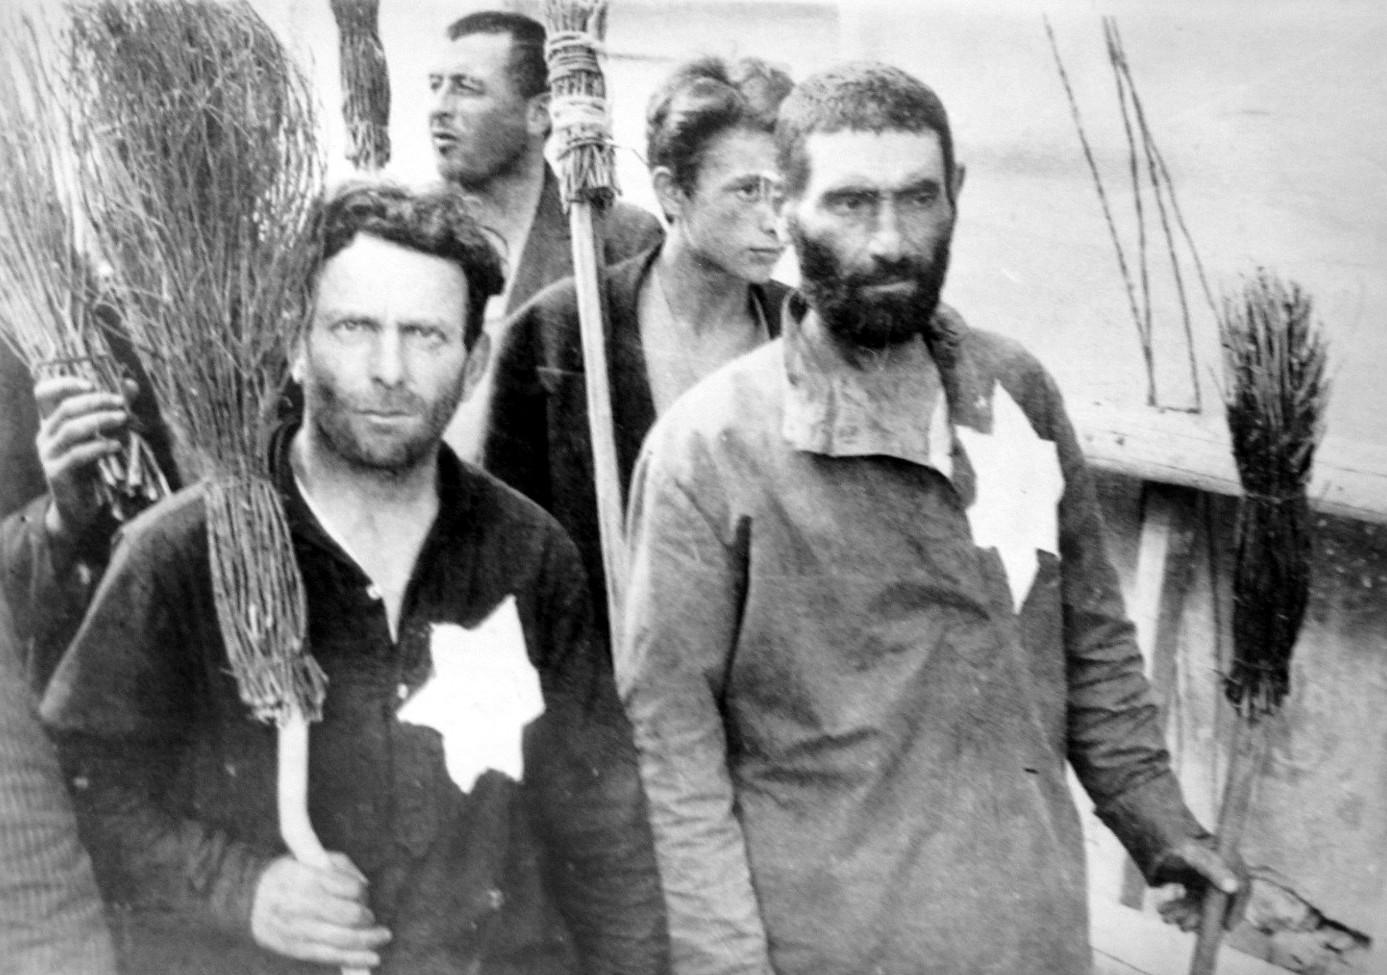 1941. Евреи Вильнюсского гетто строятся в колонну для отправки на принудительные работы